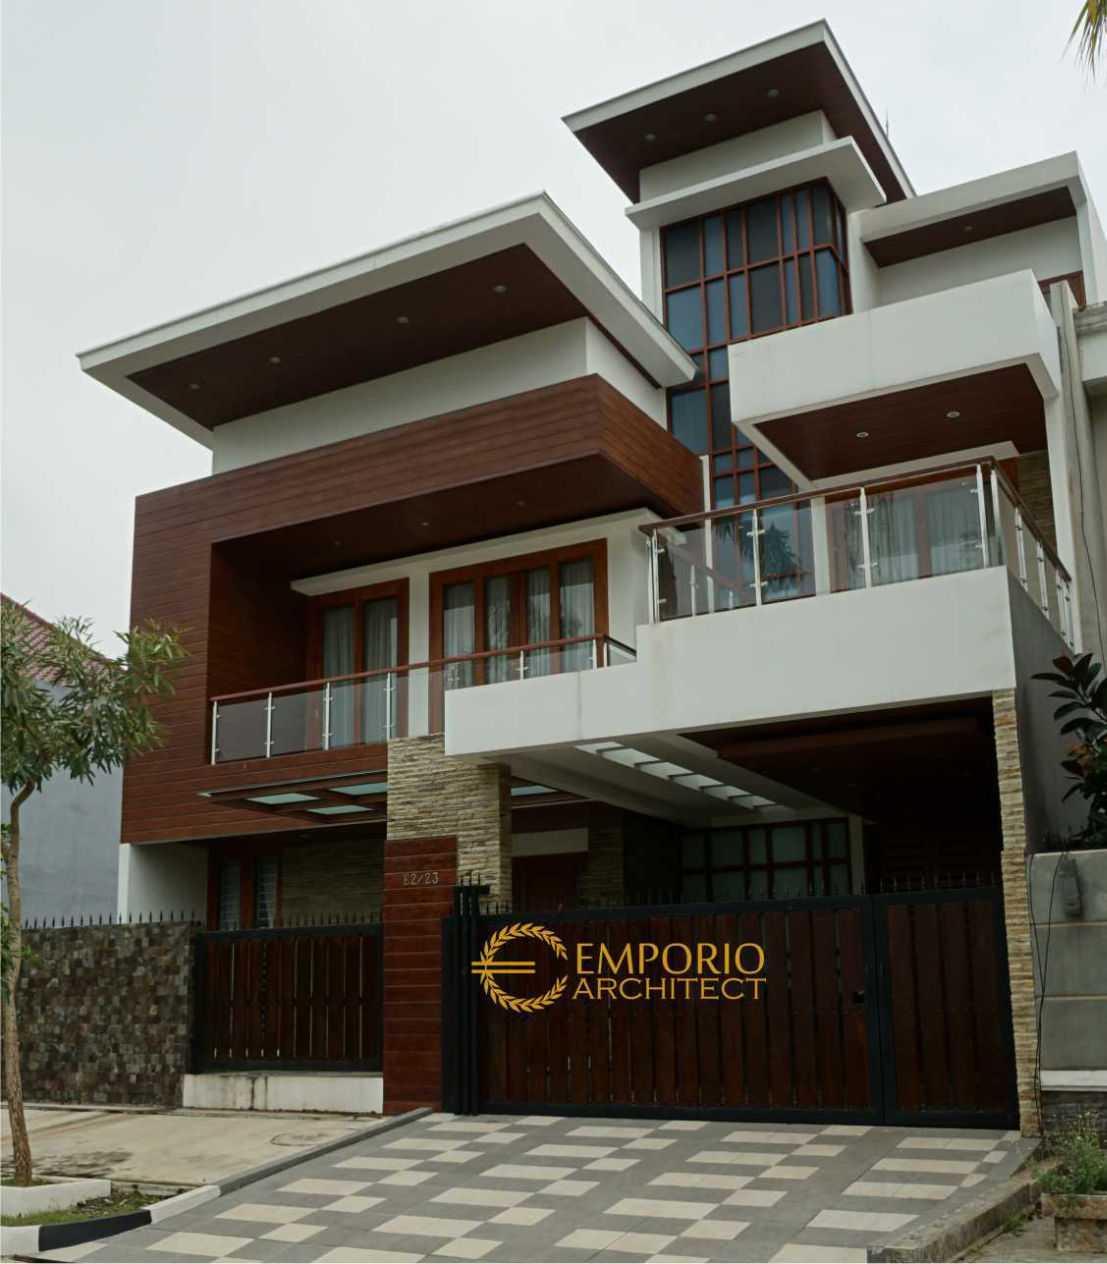 Emporio Architect Jasa Arsitek Tangerang Hasil Konstruksi Rumah Modern Tropis 276 @ Tangerang Tangerang, Kota Tangerang, Banten, Indonesia Tangerang, Kota Tangerang, Banten, Indonesia Emporio-Architect-Jasa-Arsitek-Tangerang-Hasil-Konstruksi-Rumah-Modern-Tropis-276-Tangerang  86570